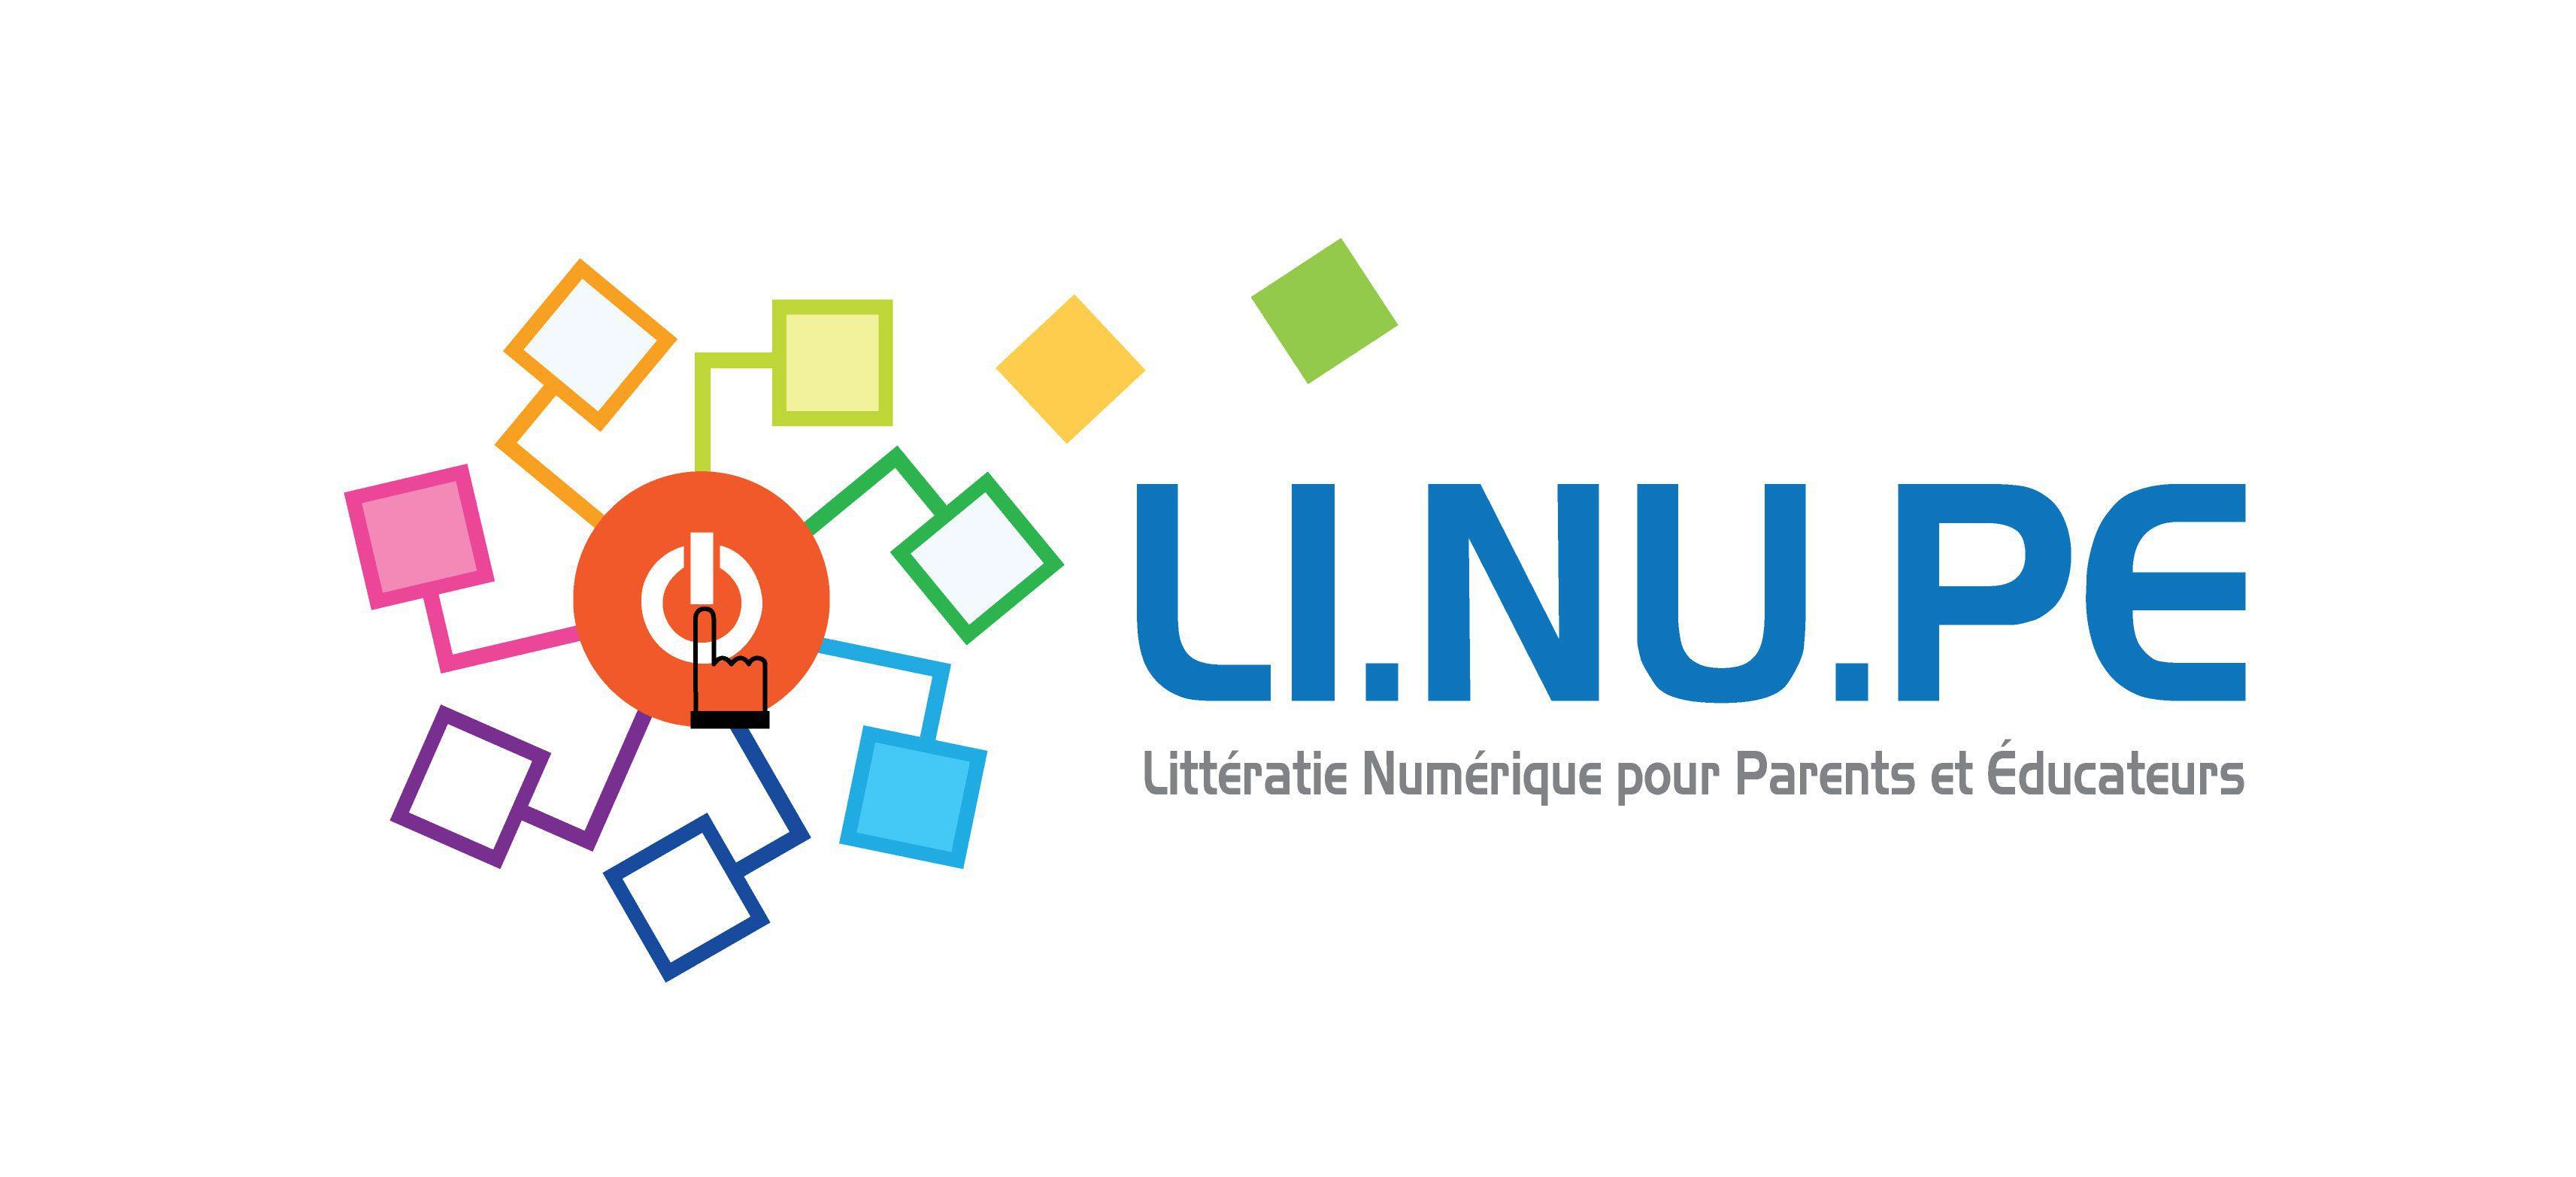 Littératie Numérique pour Parents et éducateurs